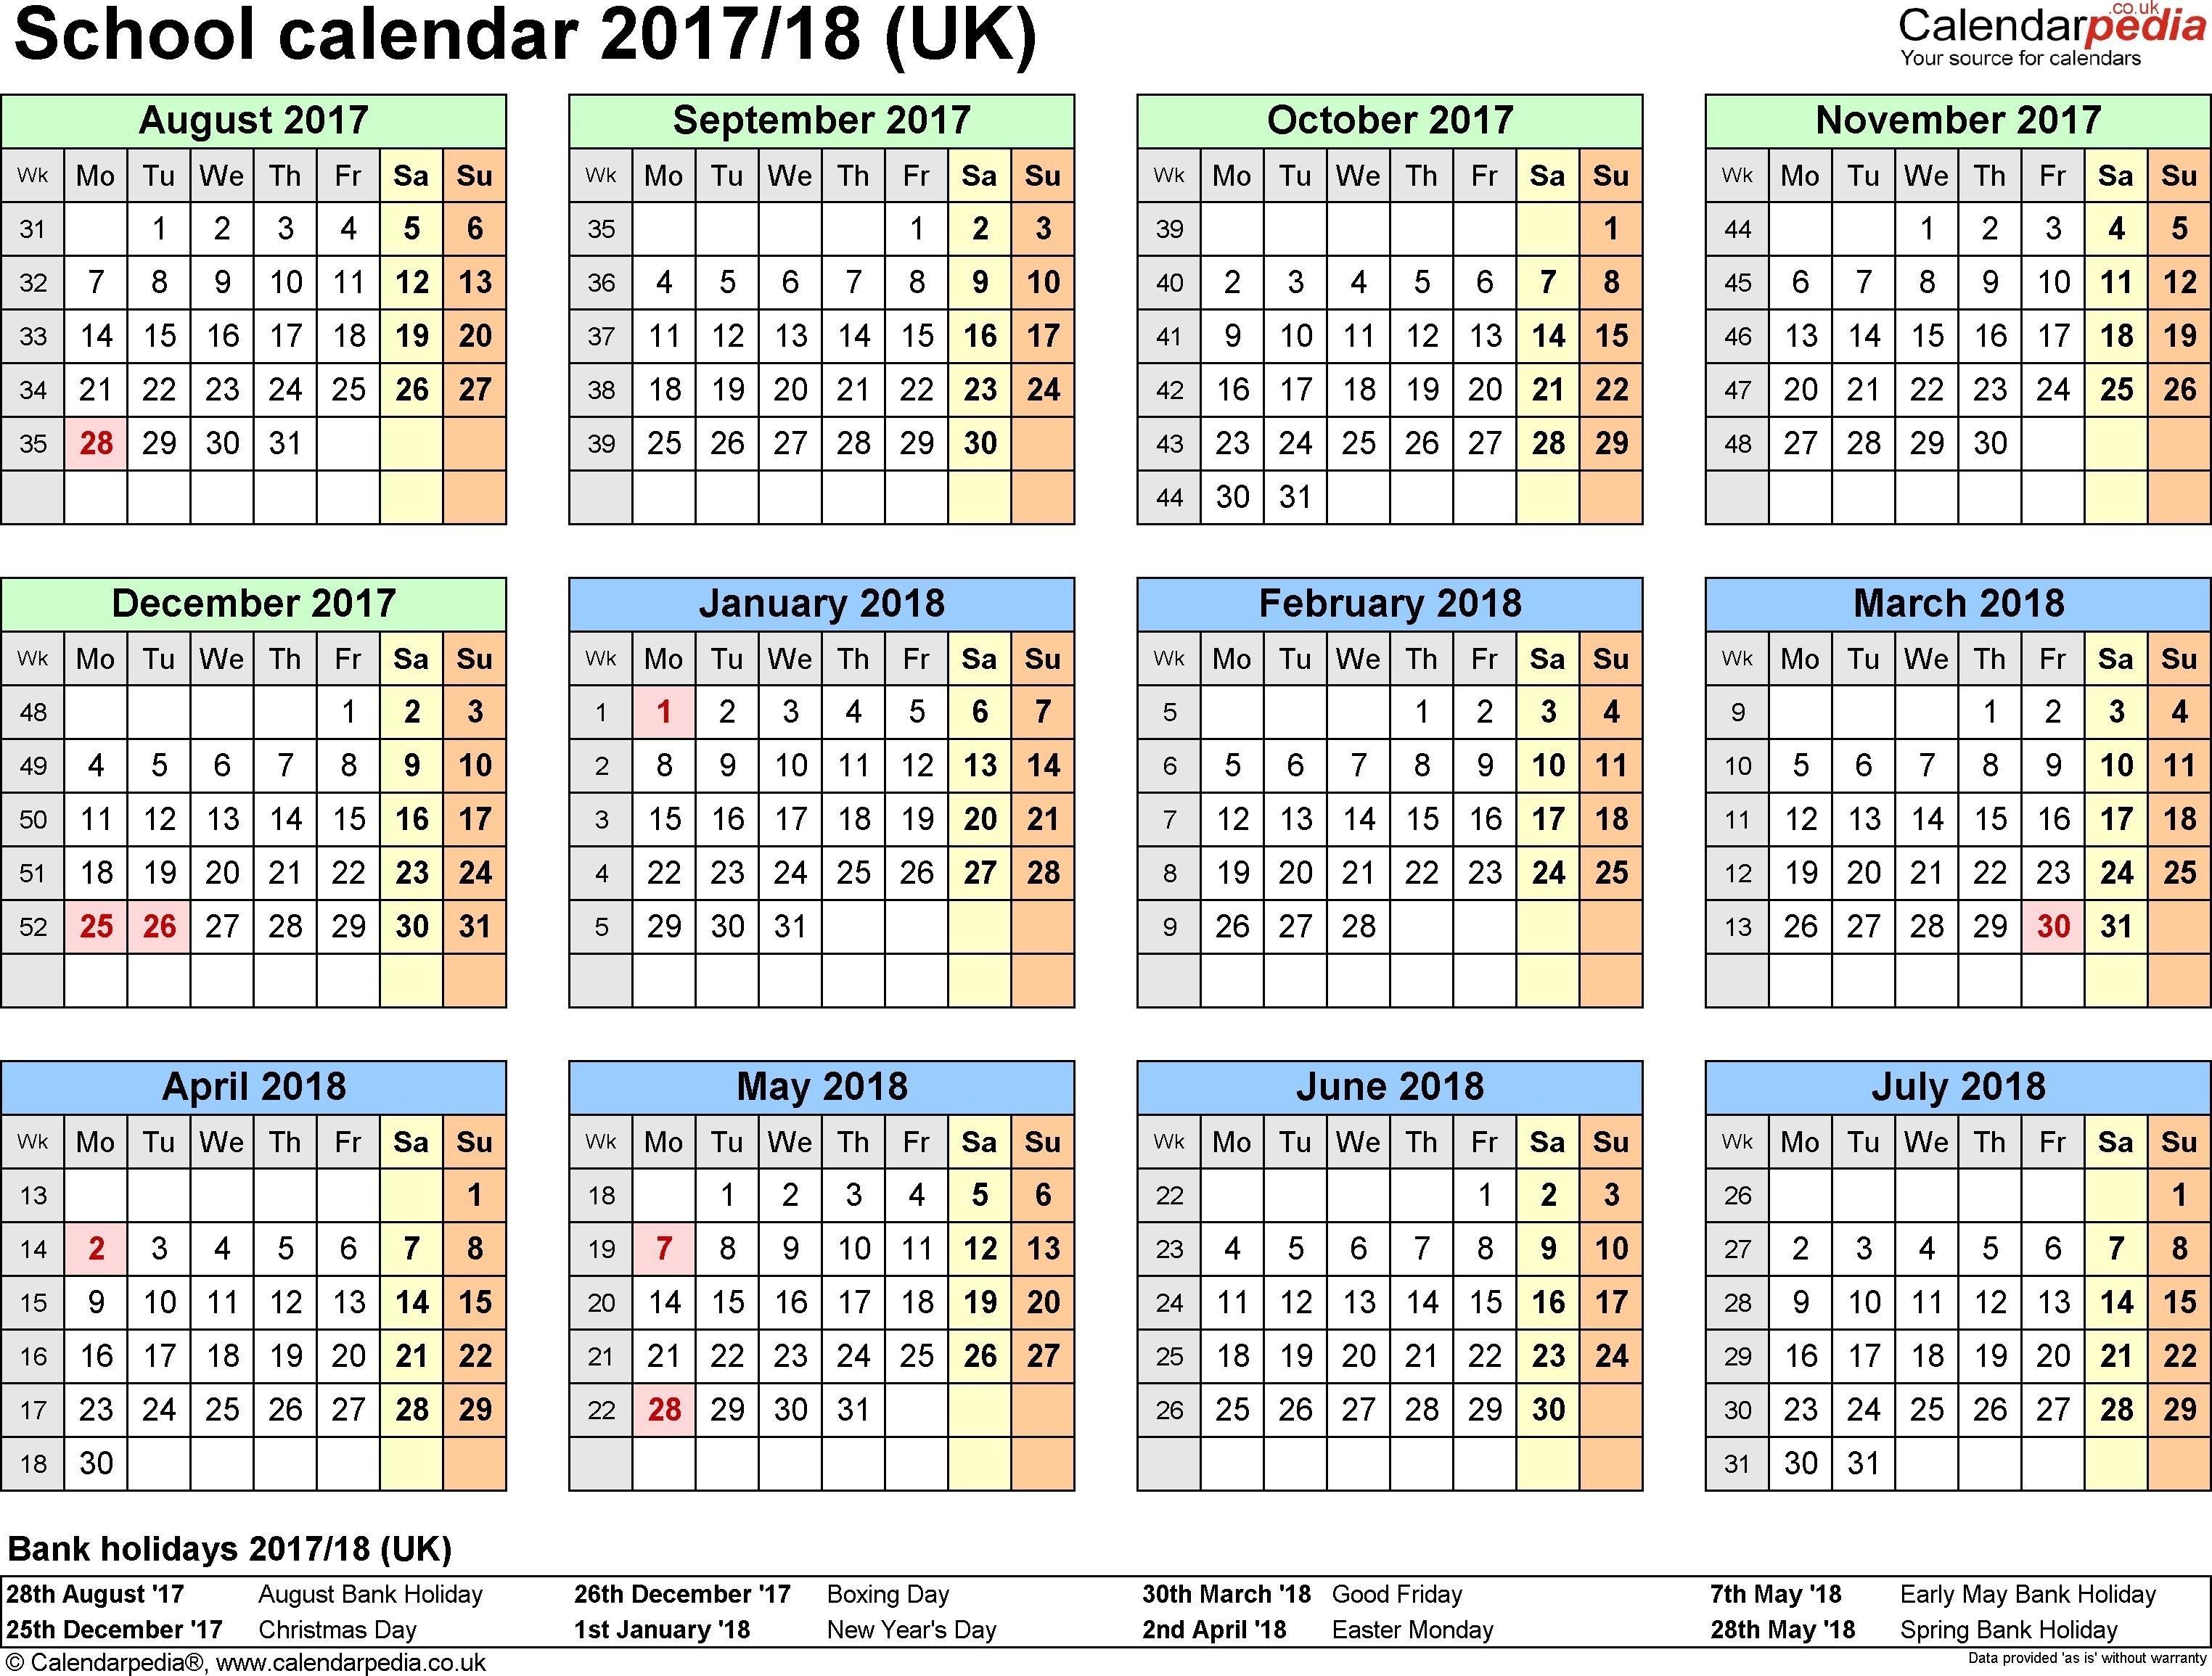 March 2019 Calendar Lala Ramswaroop Más Recientemente Liberado Free Calendar Template 2019 Australia Of March 2019 Calendar Lala Ramswaroop Más Recientemente Liberado Media to Get Lala Ramswaroop Calendar 2019 Pdf Download Calendar